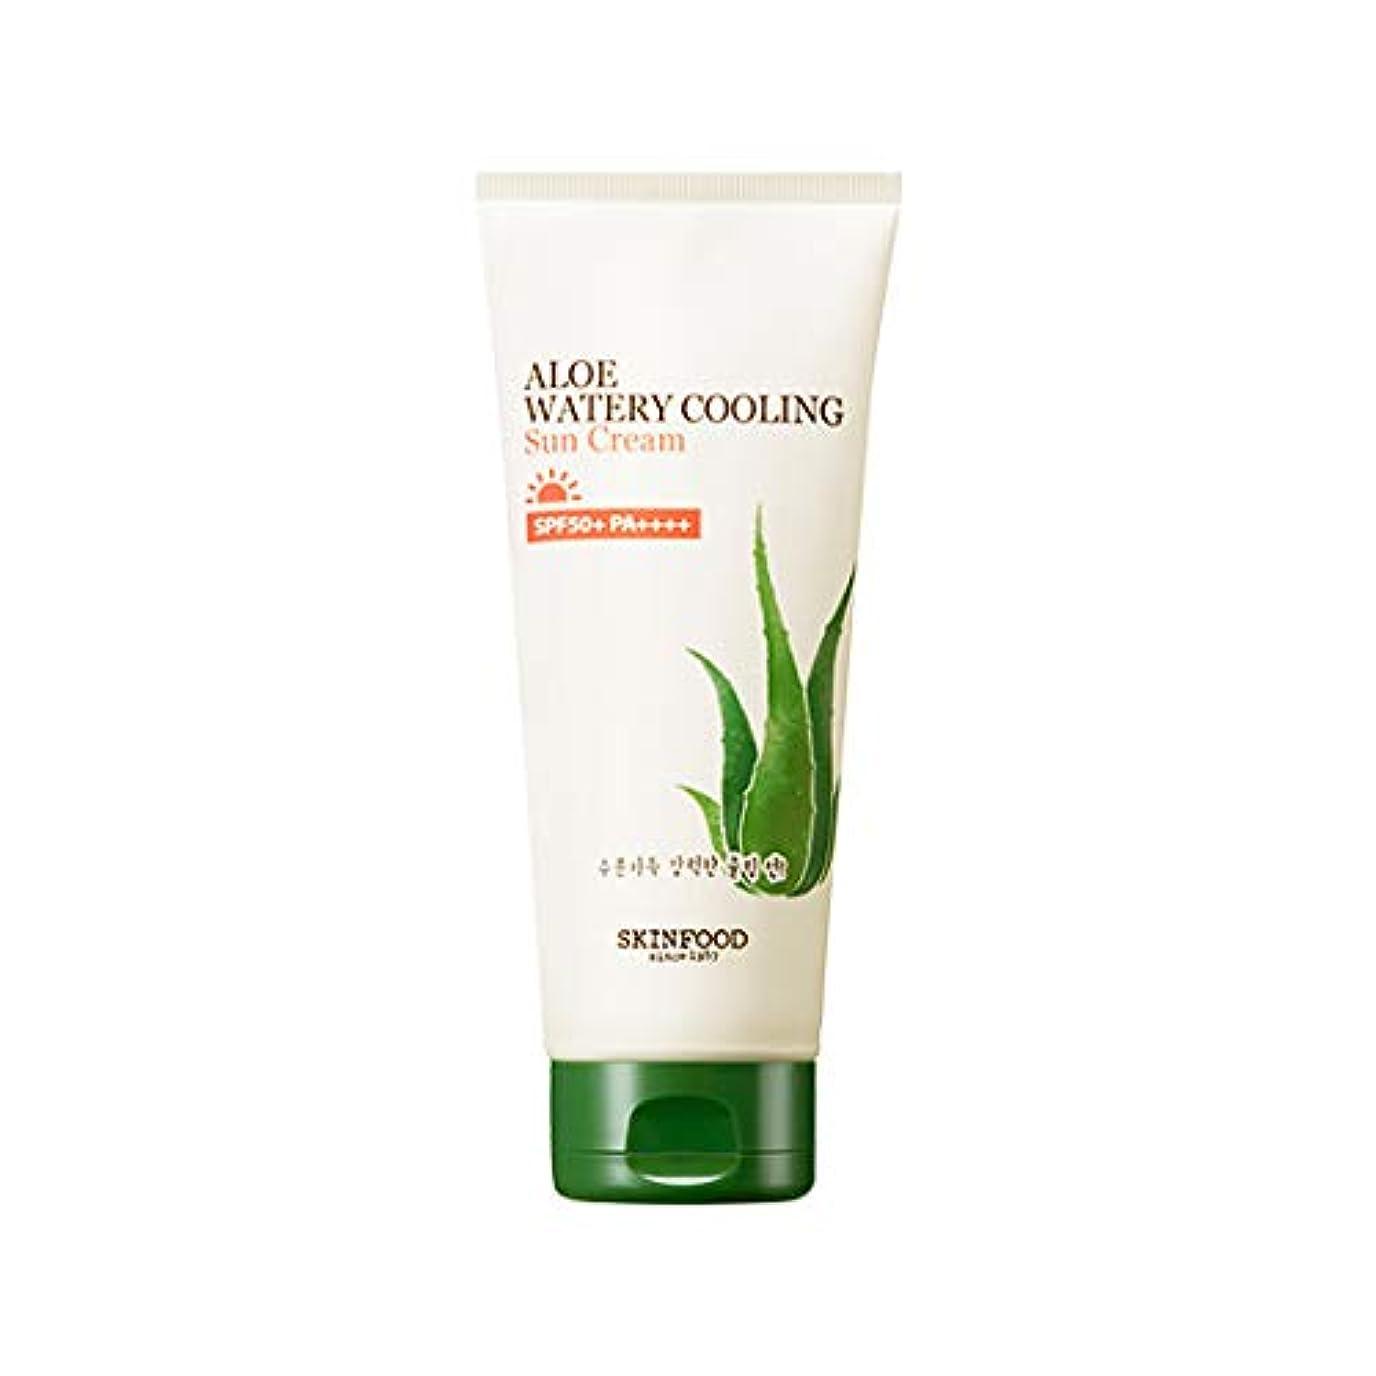 スリチンモイ土器フェローシップSkinfood アロエ水冷サンクリーム/Aloe Water Cooling Sun Cream 200g [並行輸入品]